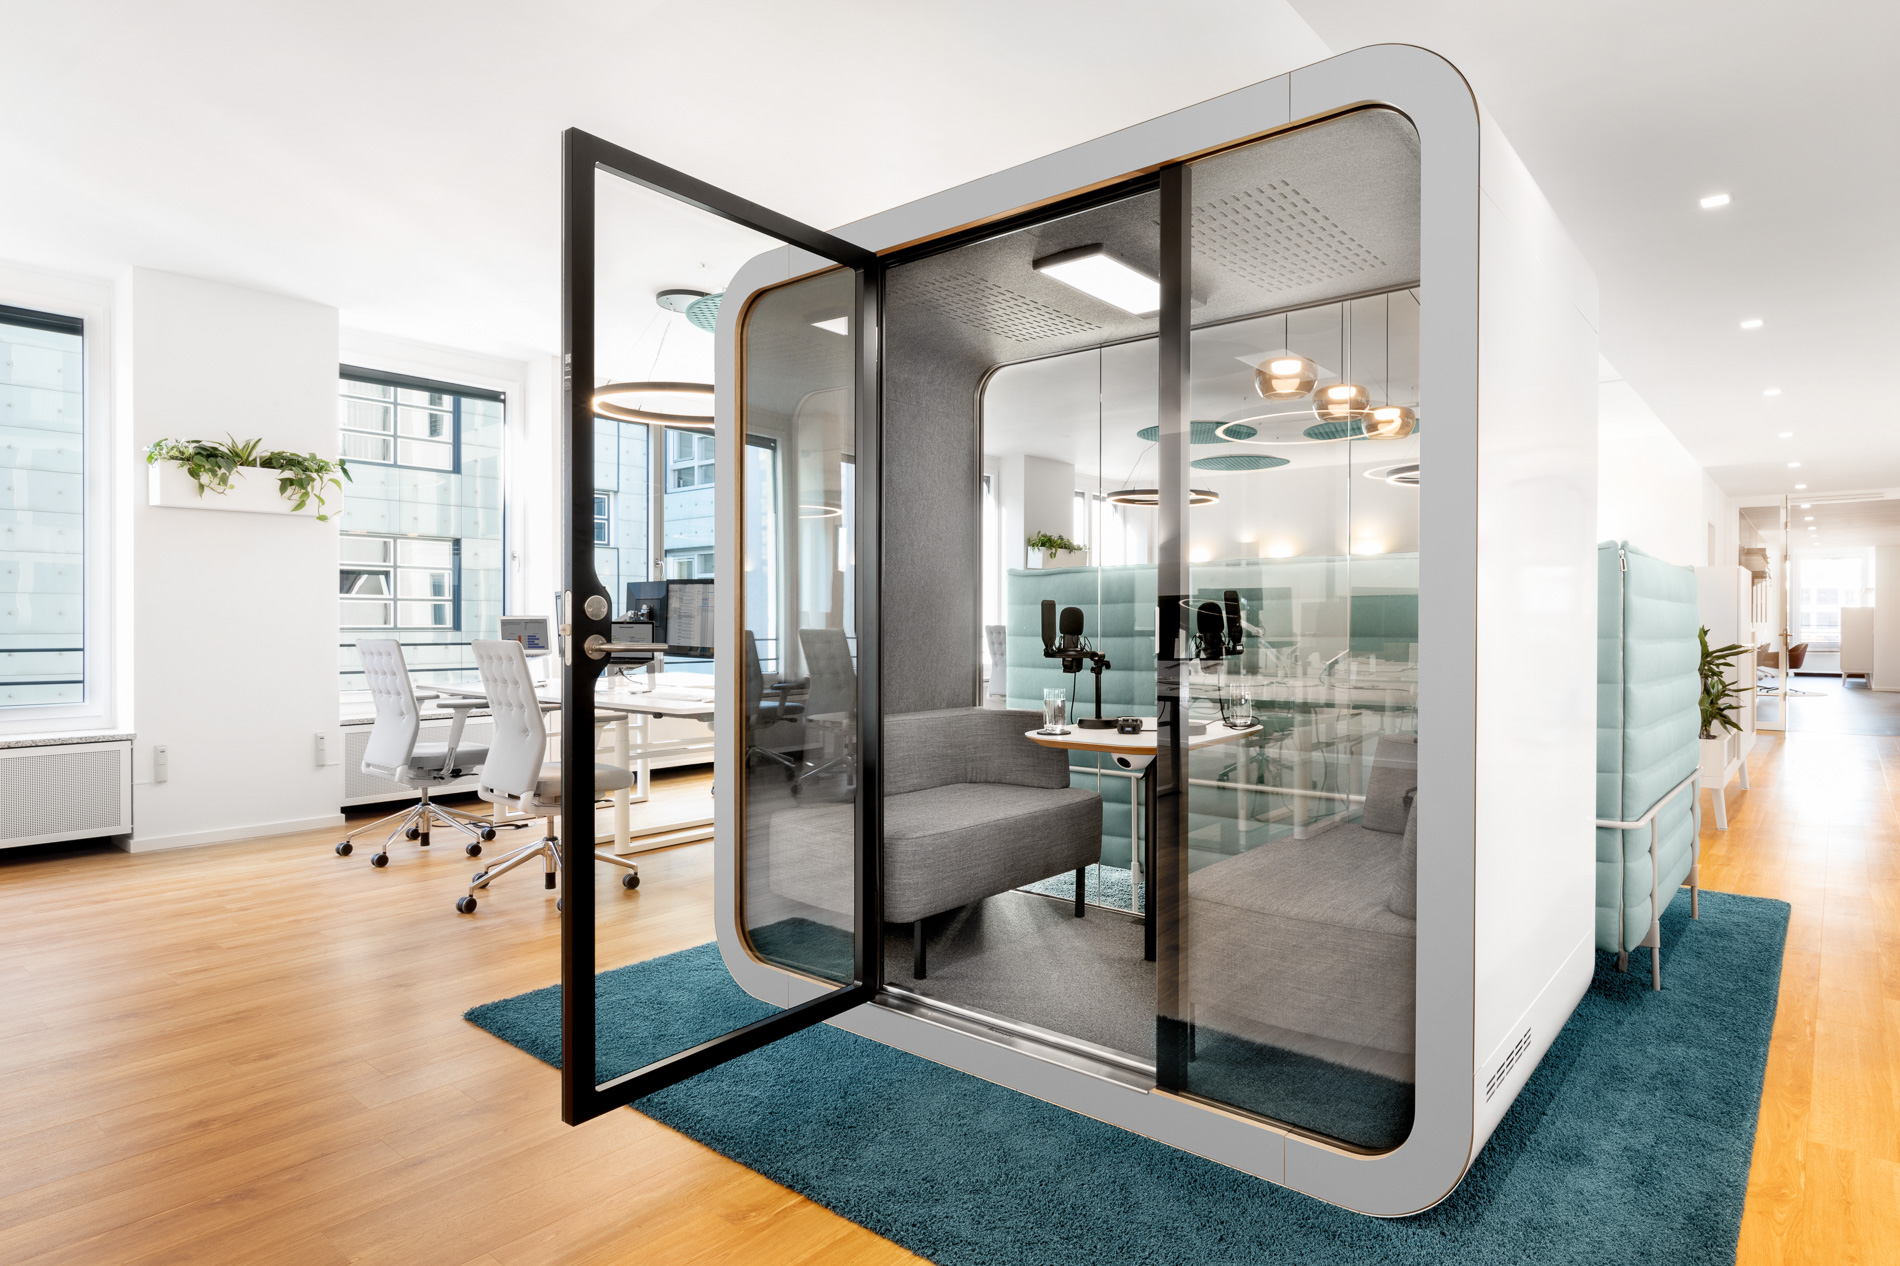 Kommunikationsbüro der Zukunft